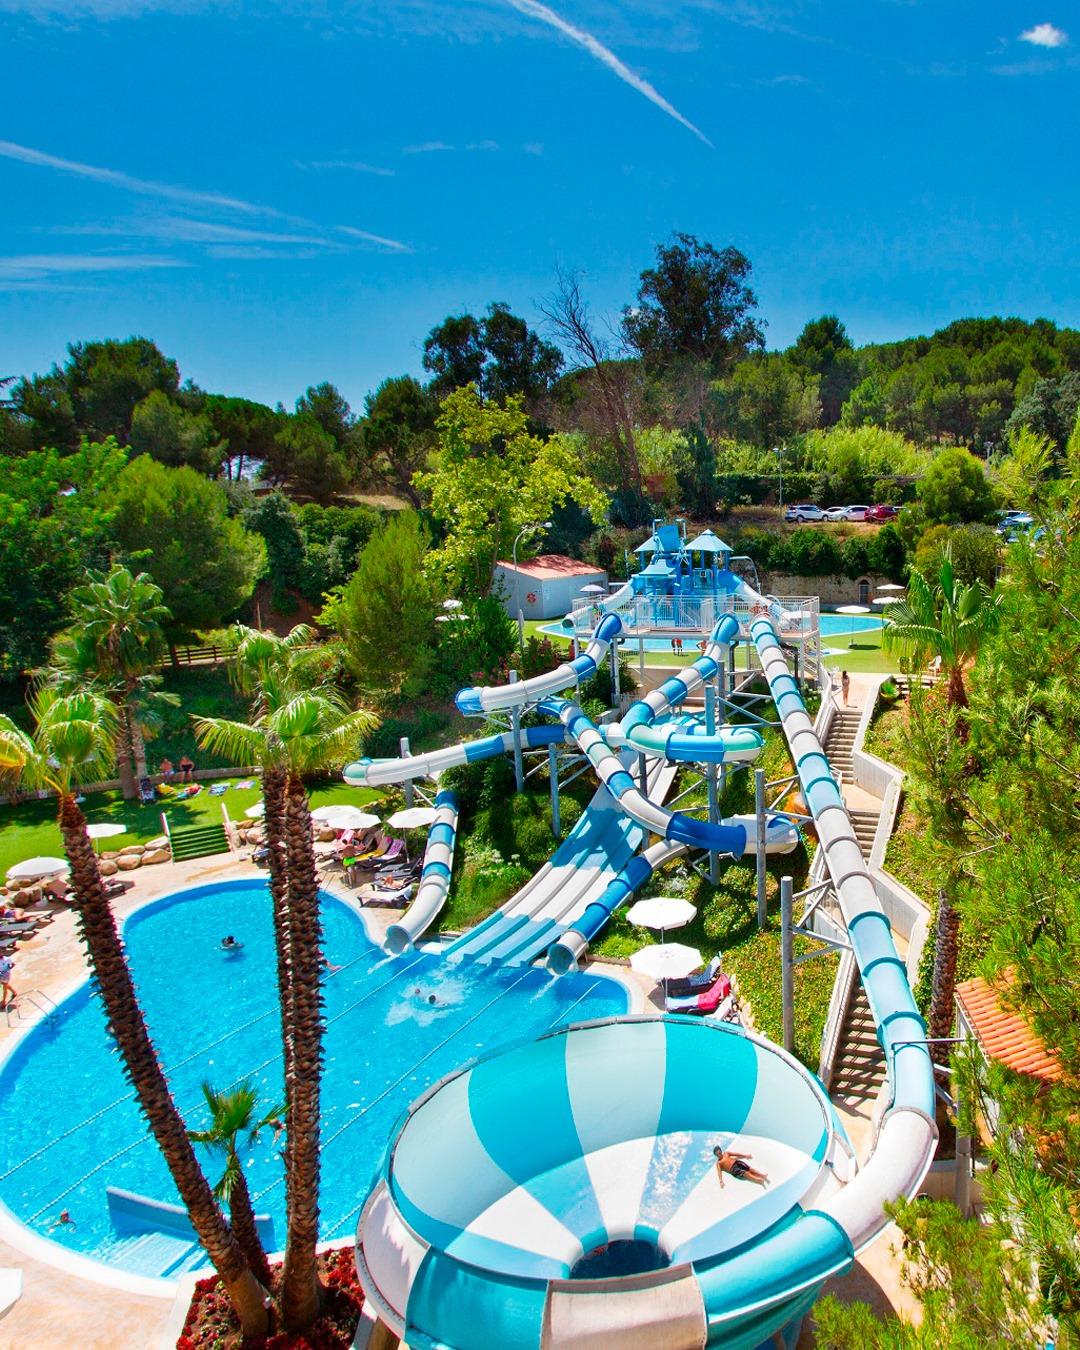 Parque Acuático del Hotel Gran Garbi & AquasPlash